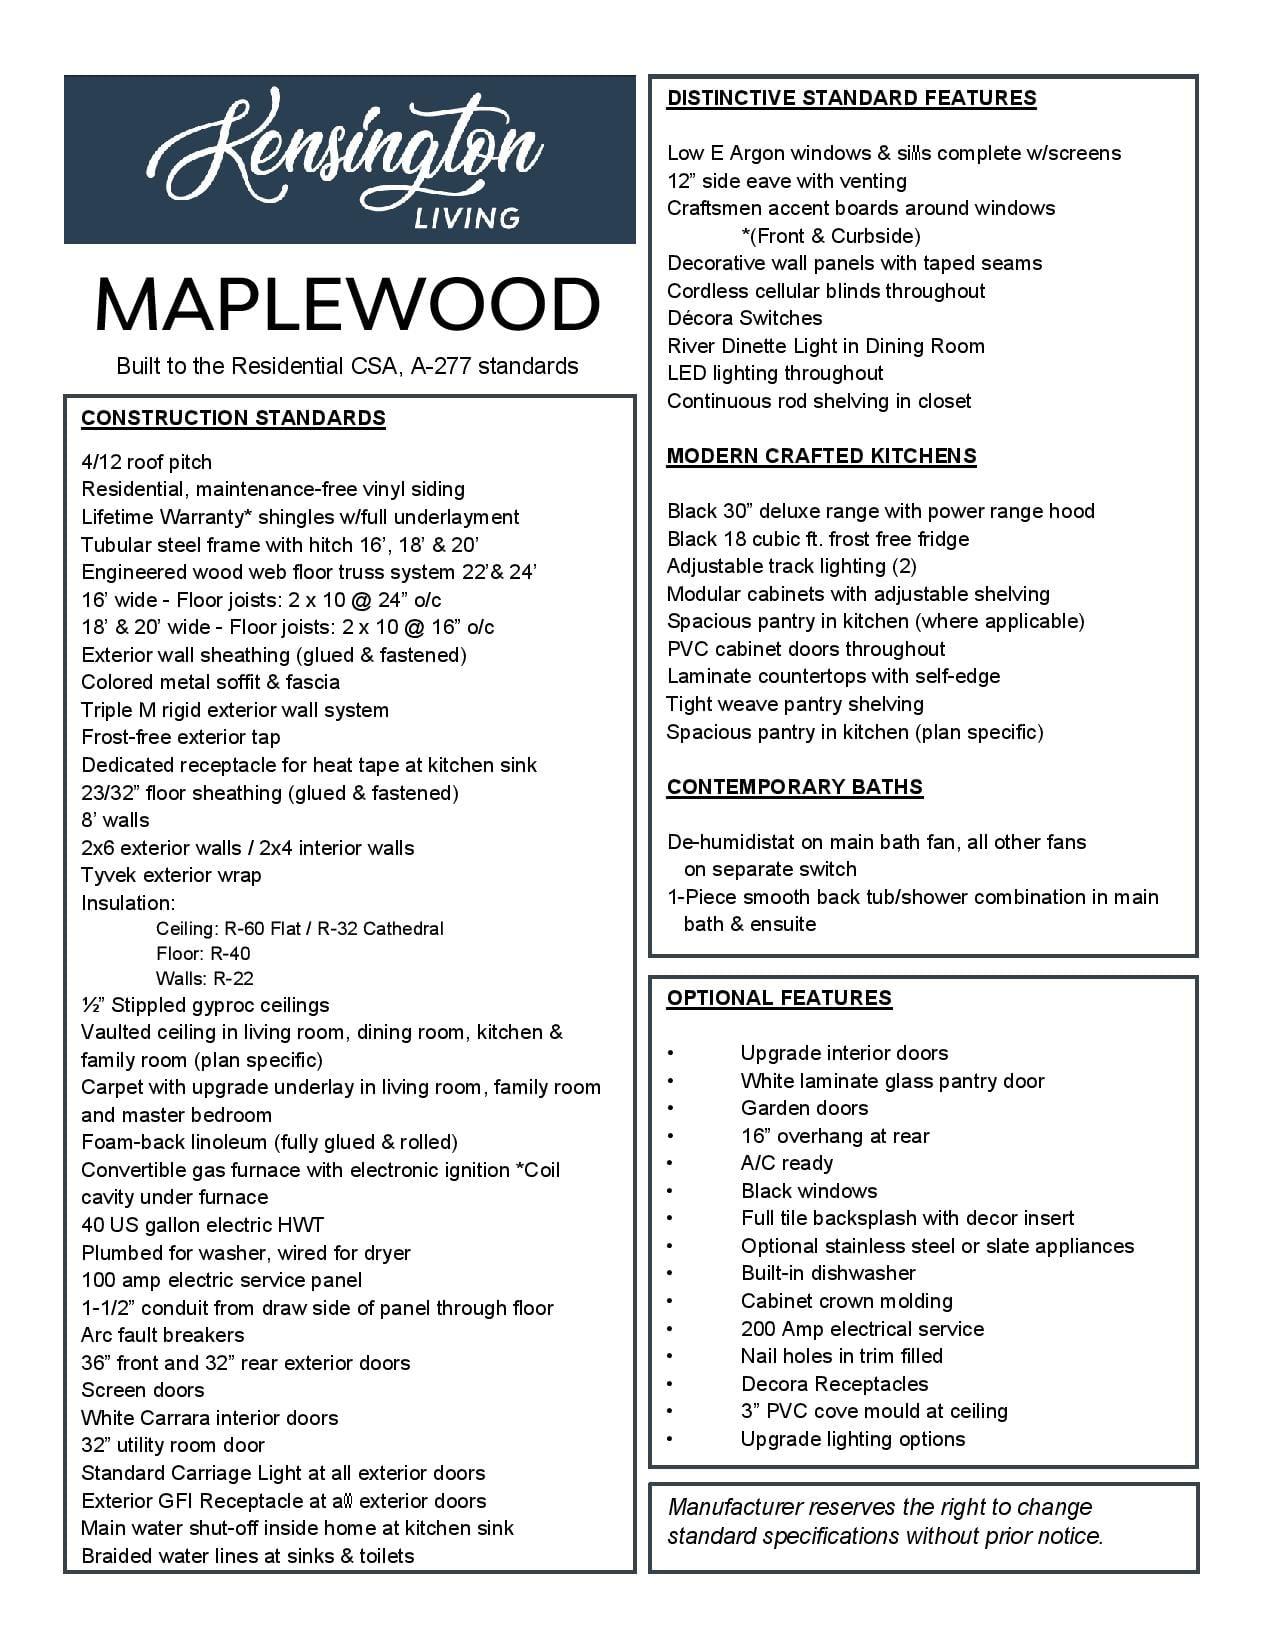 Maplewood Specs